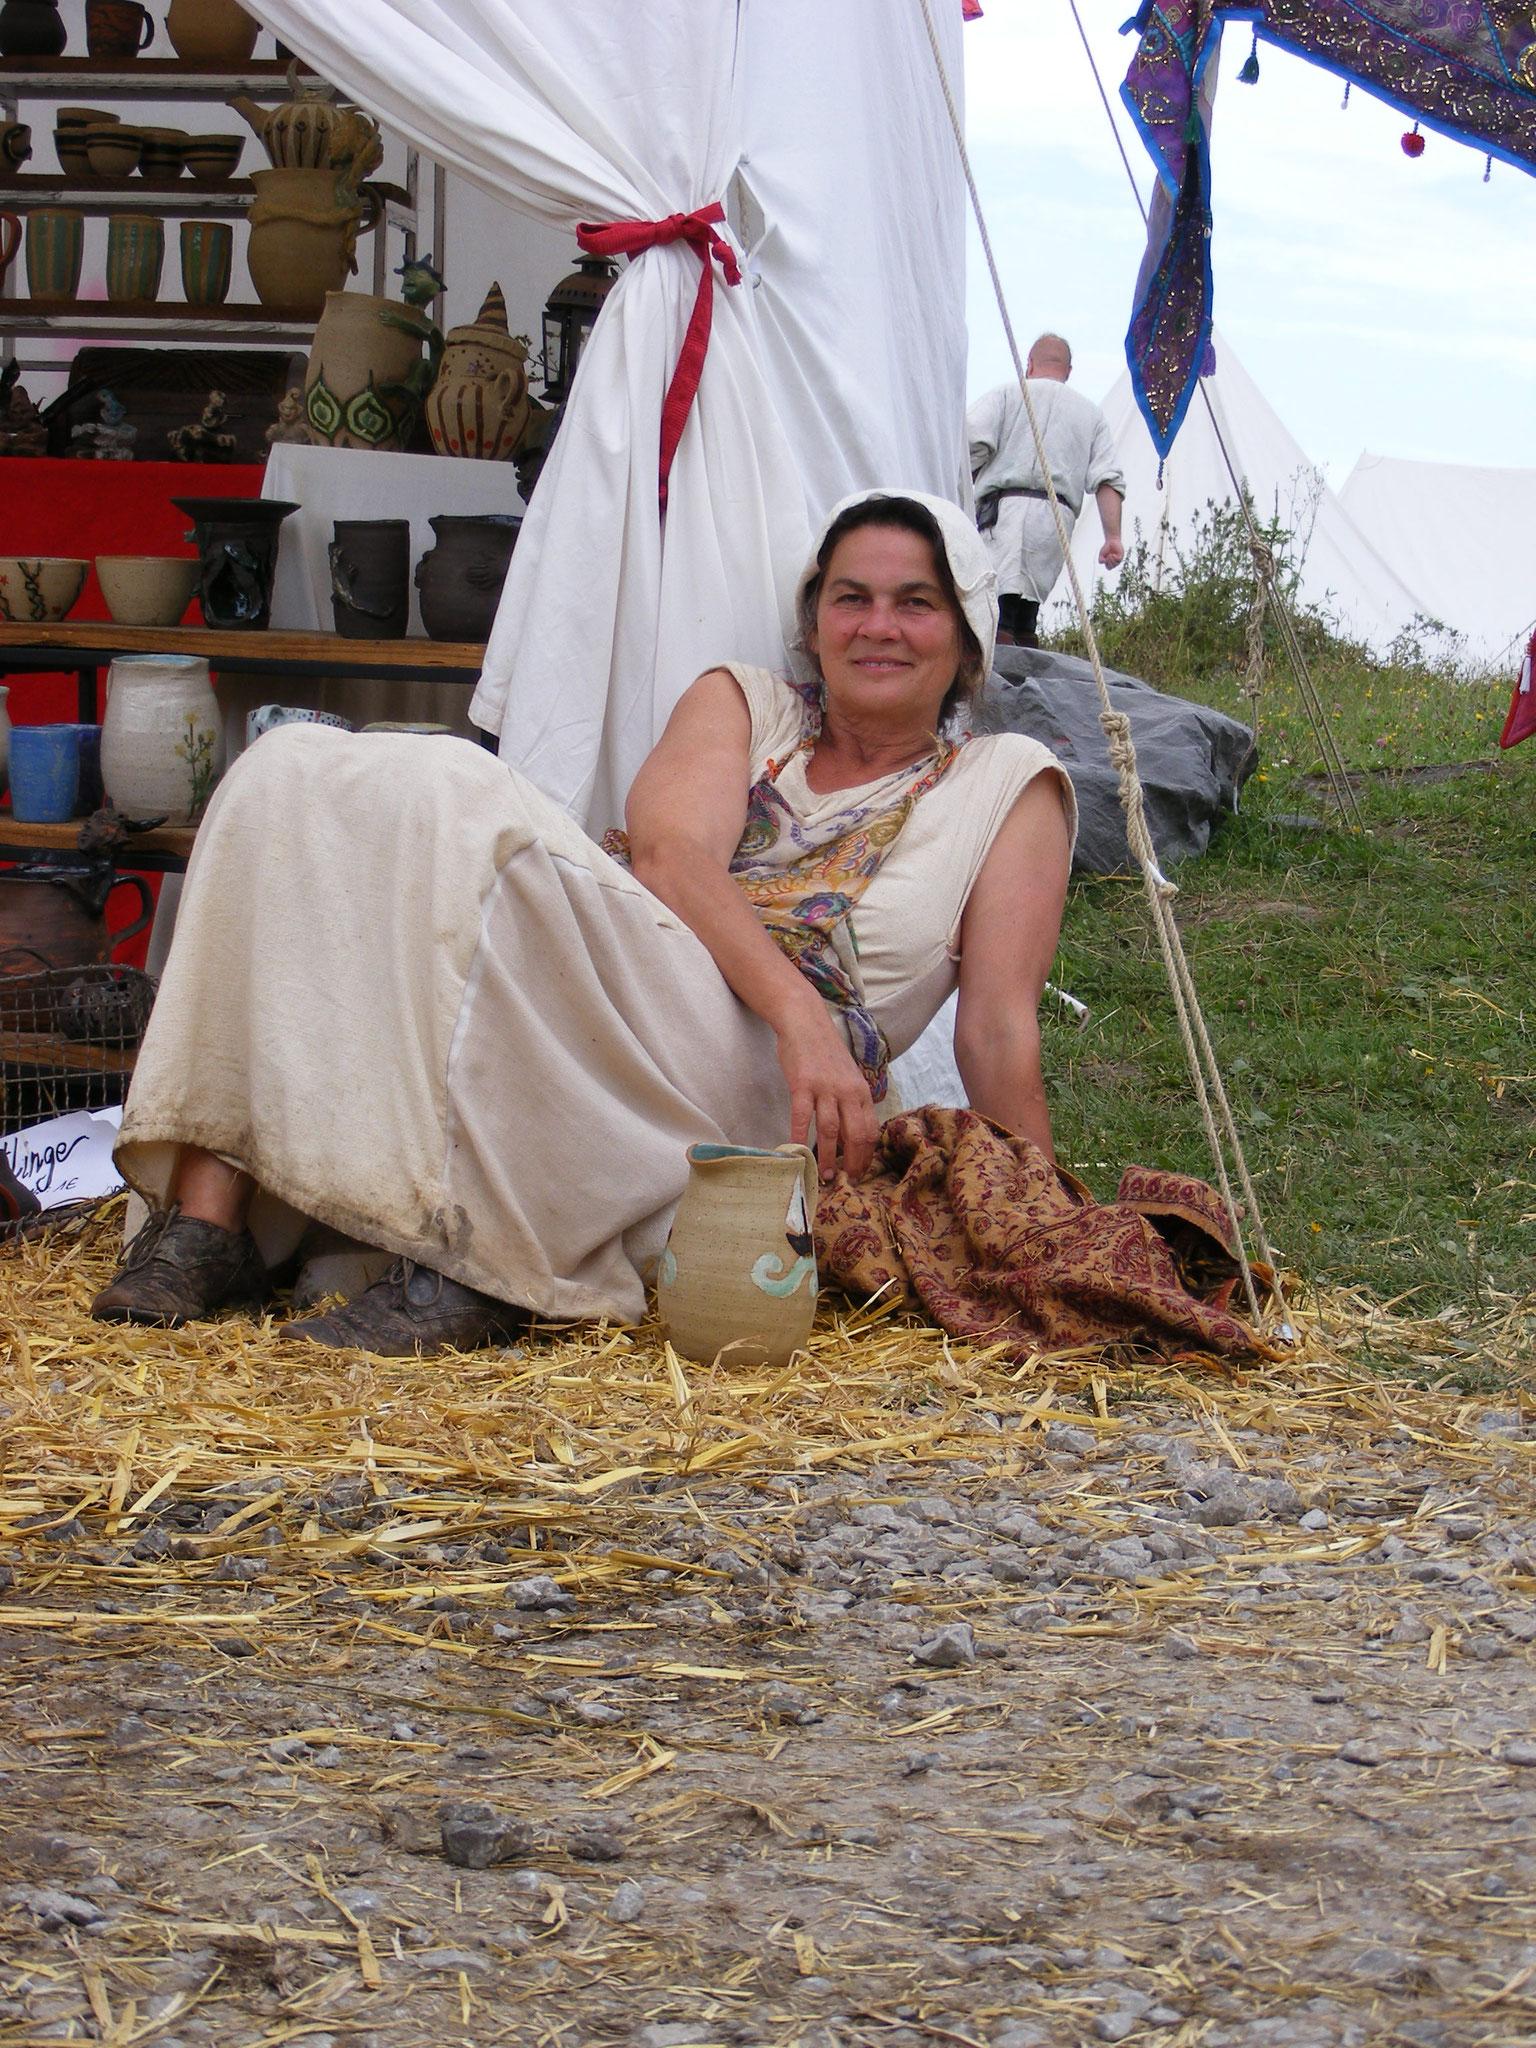 Mütterchen Matsch, Drachfest 2016